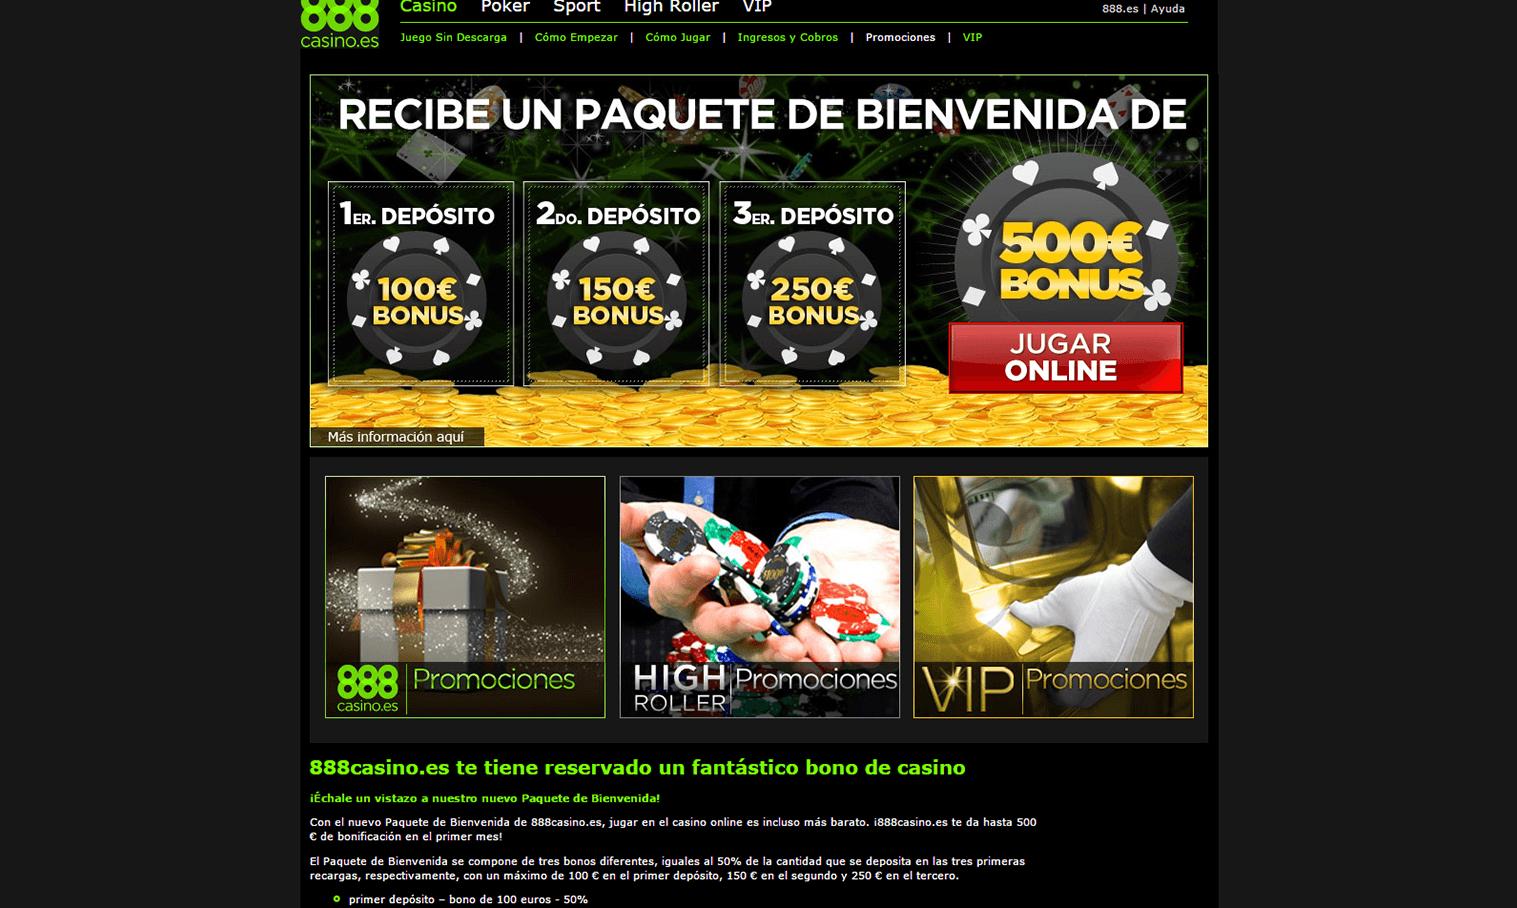 Promociones para jugadores latinos el mejor casino-739878